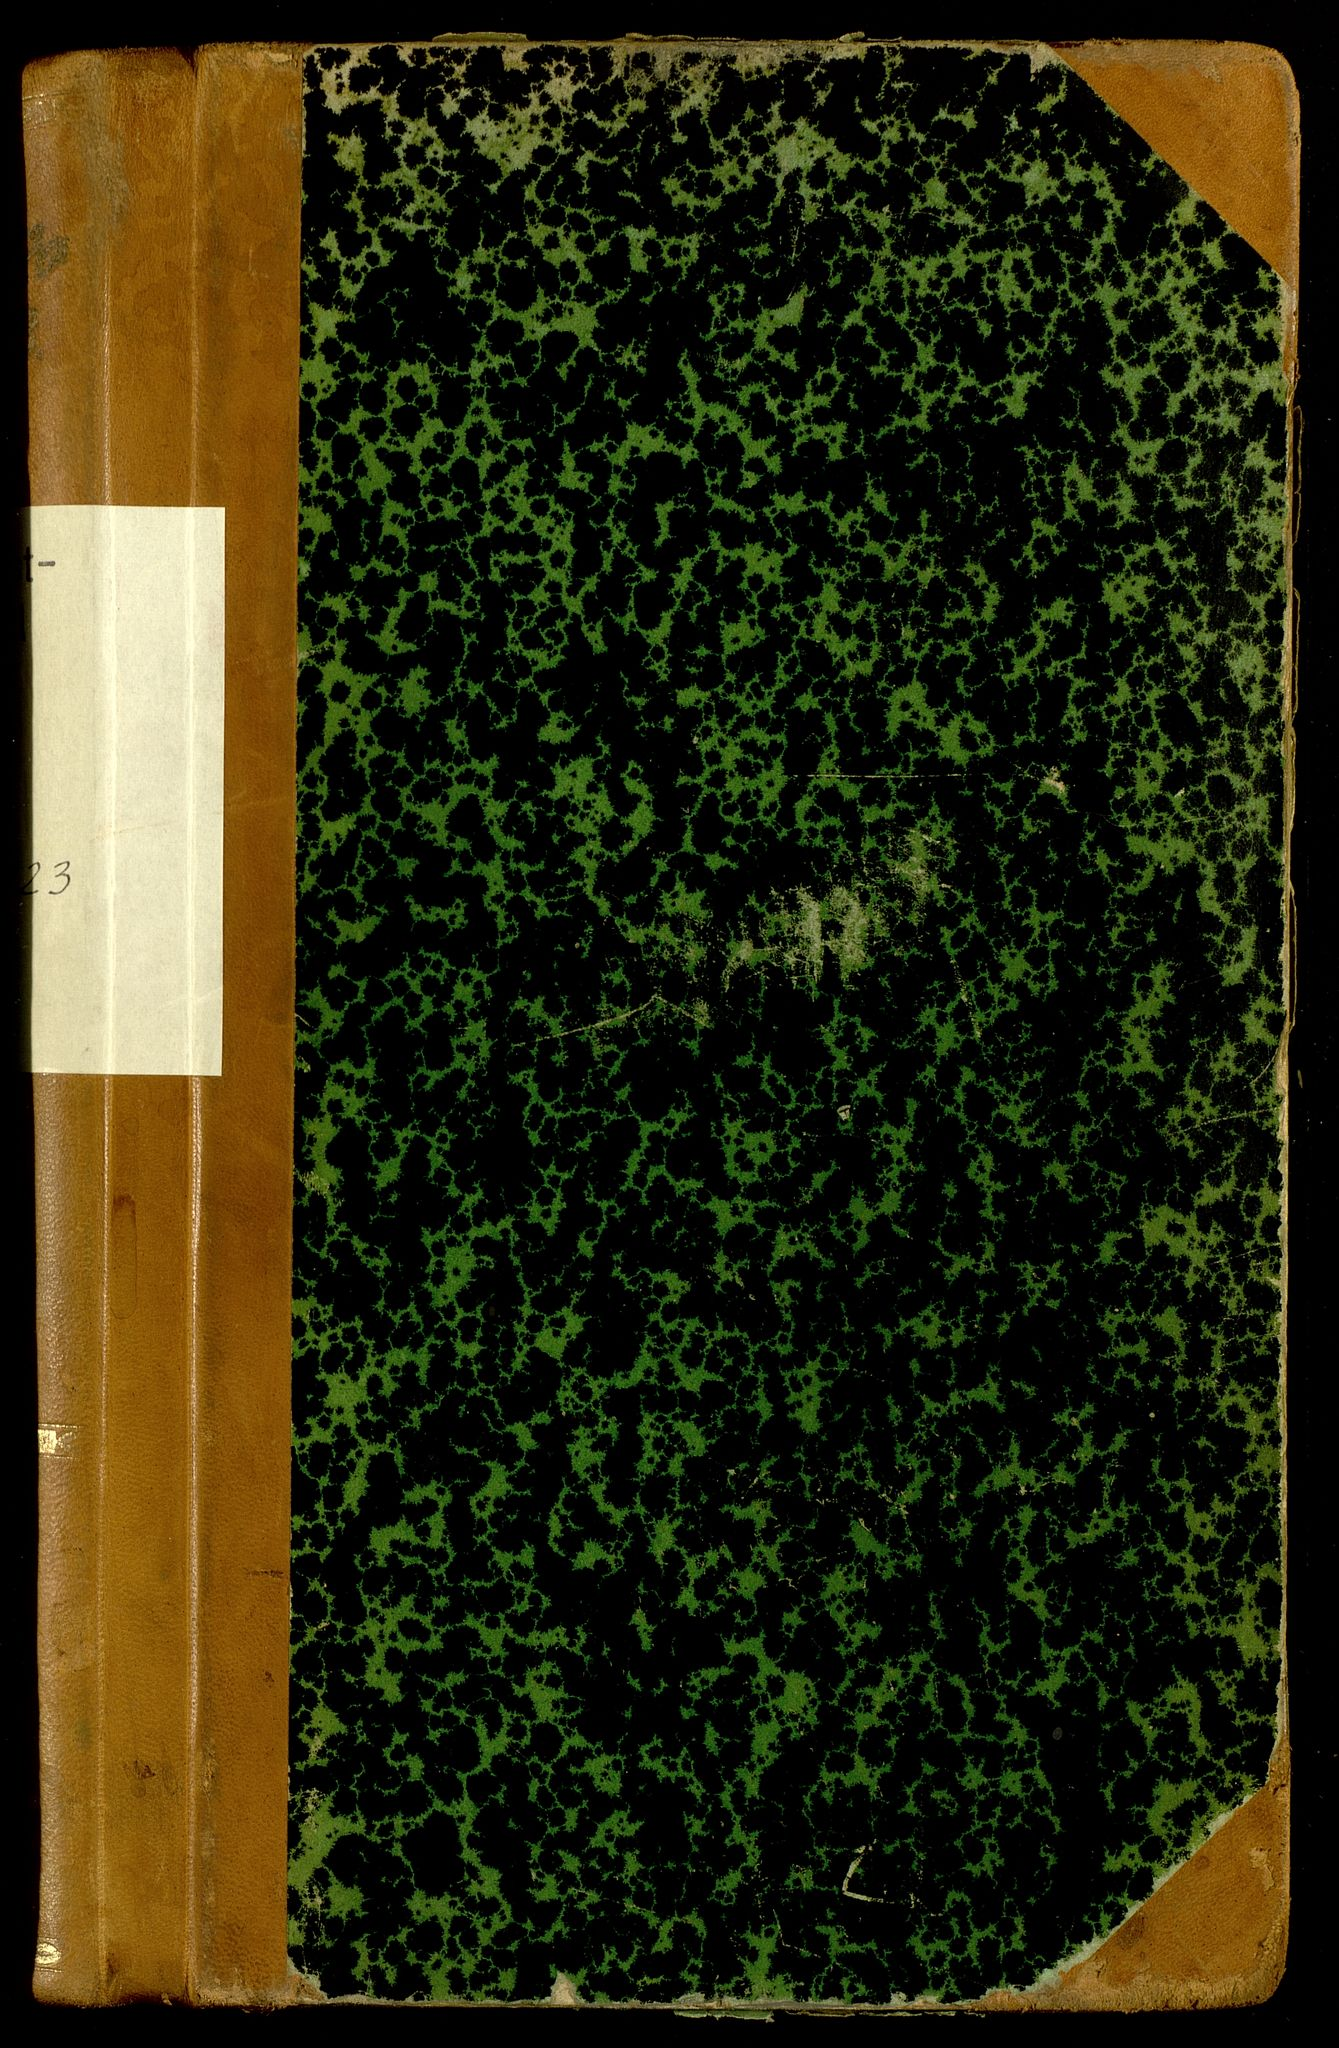 SAH, Norges Brannkasse, Hof, F/L0011: Branntakstprotokoll, 1920-1923